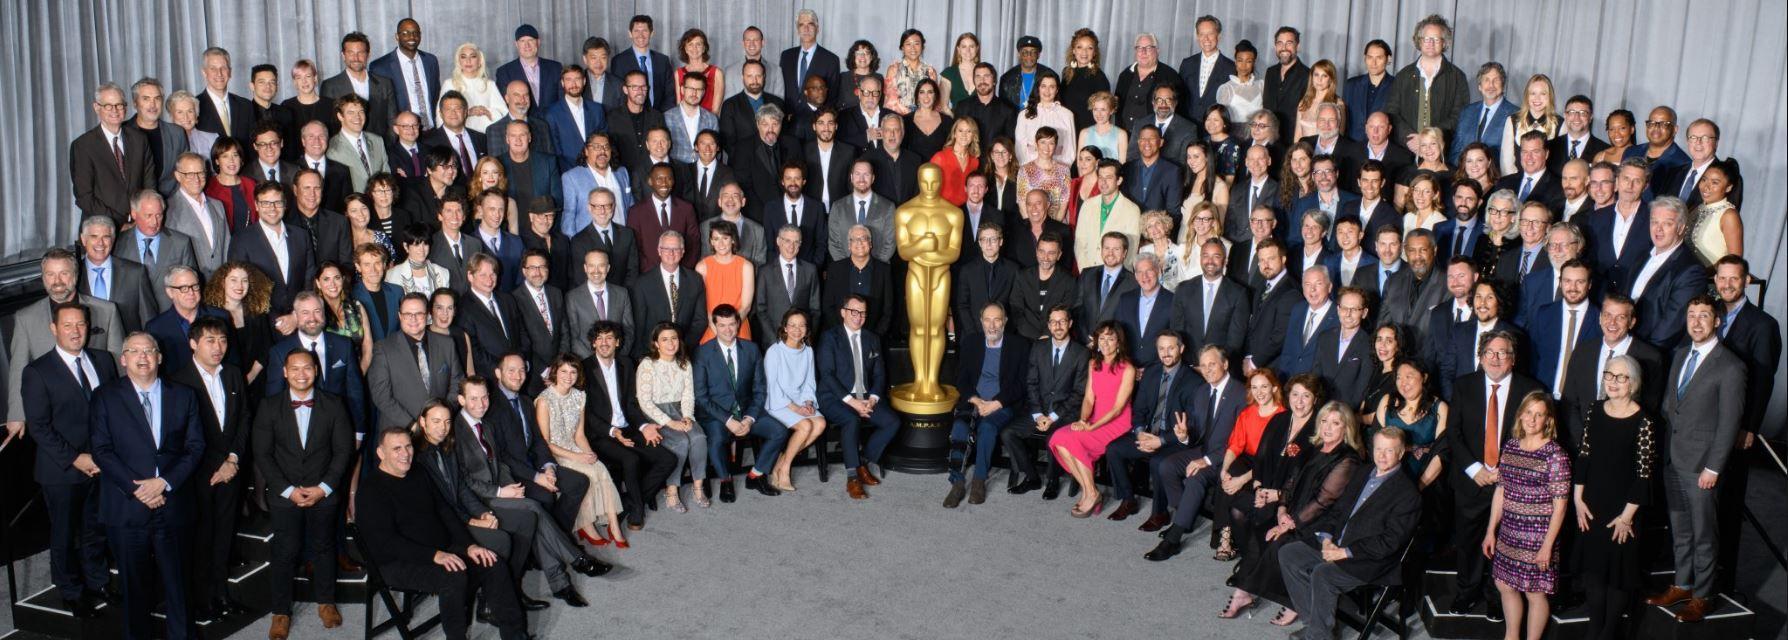 Oscar, il pranzo di gala dei nominati: foto di gruppo con record di donne